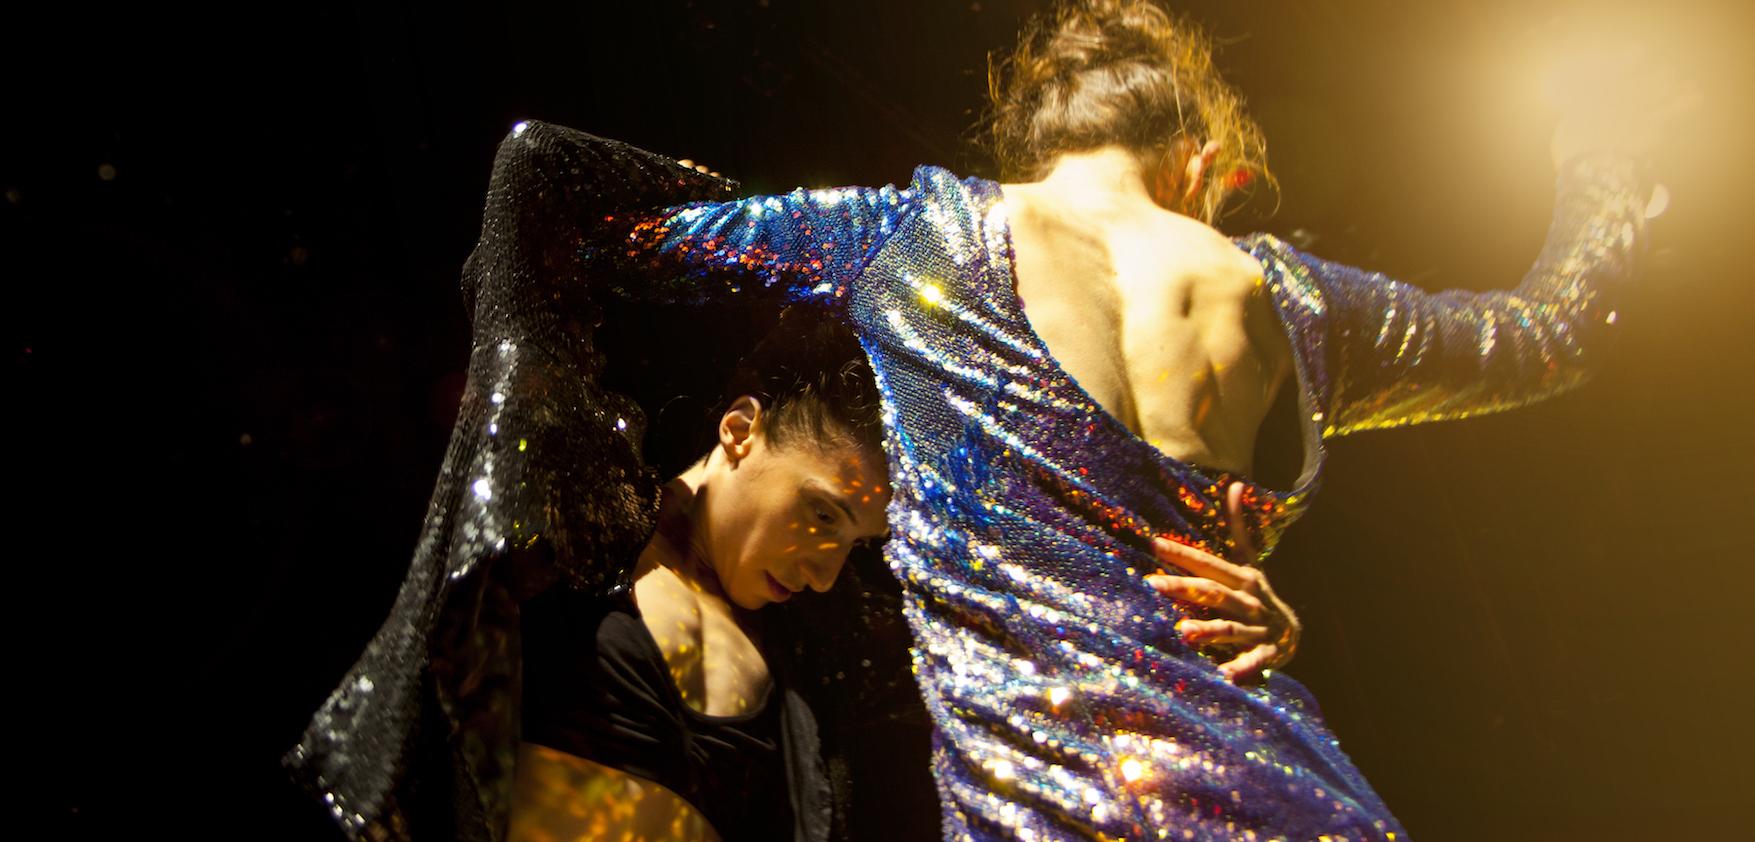 Vanessa Goodman & Belinda McGuire in The Other Half. Photo: Ben Didier